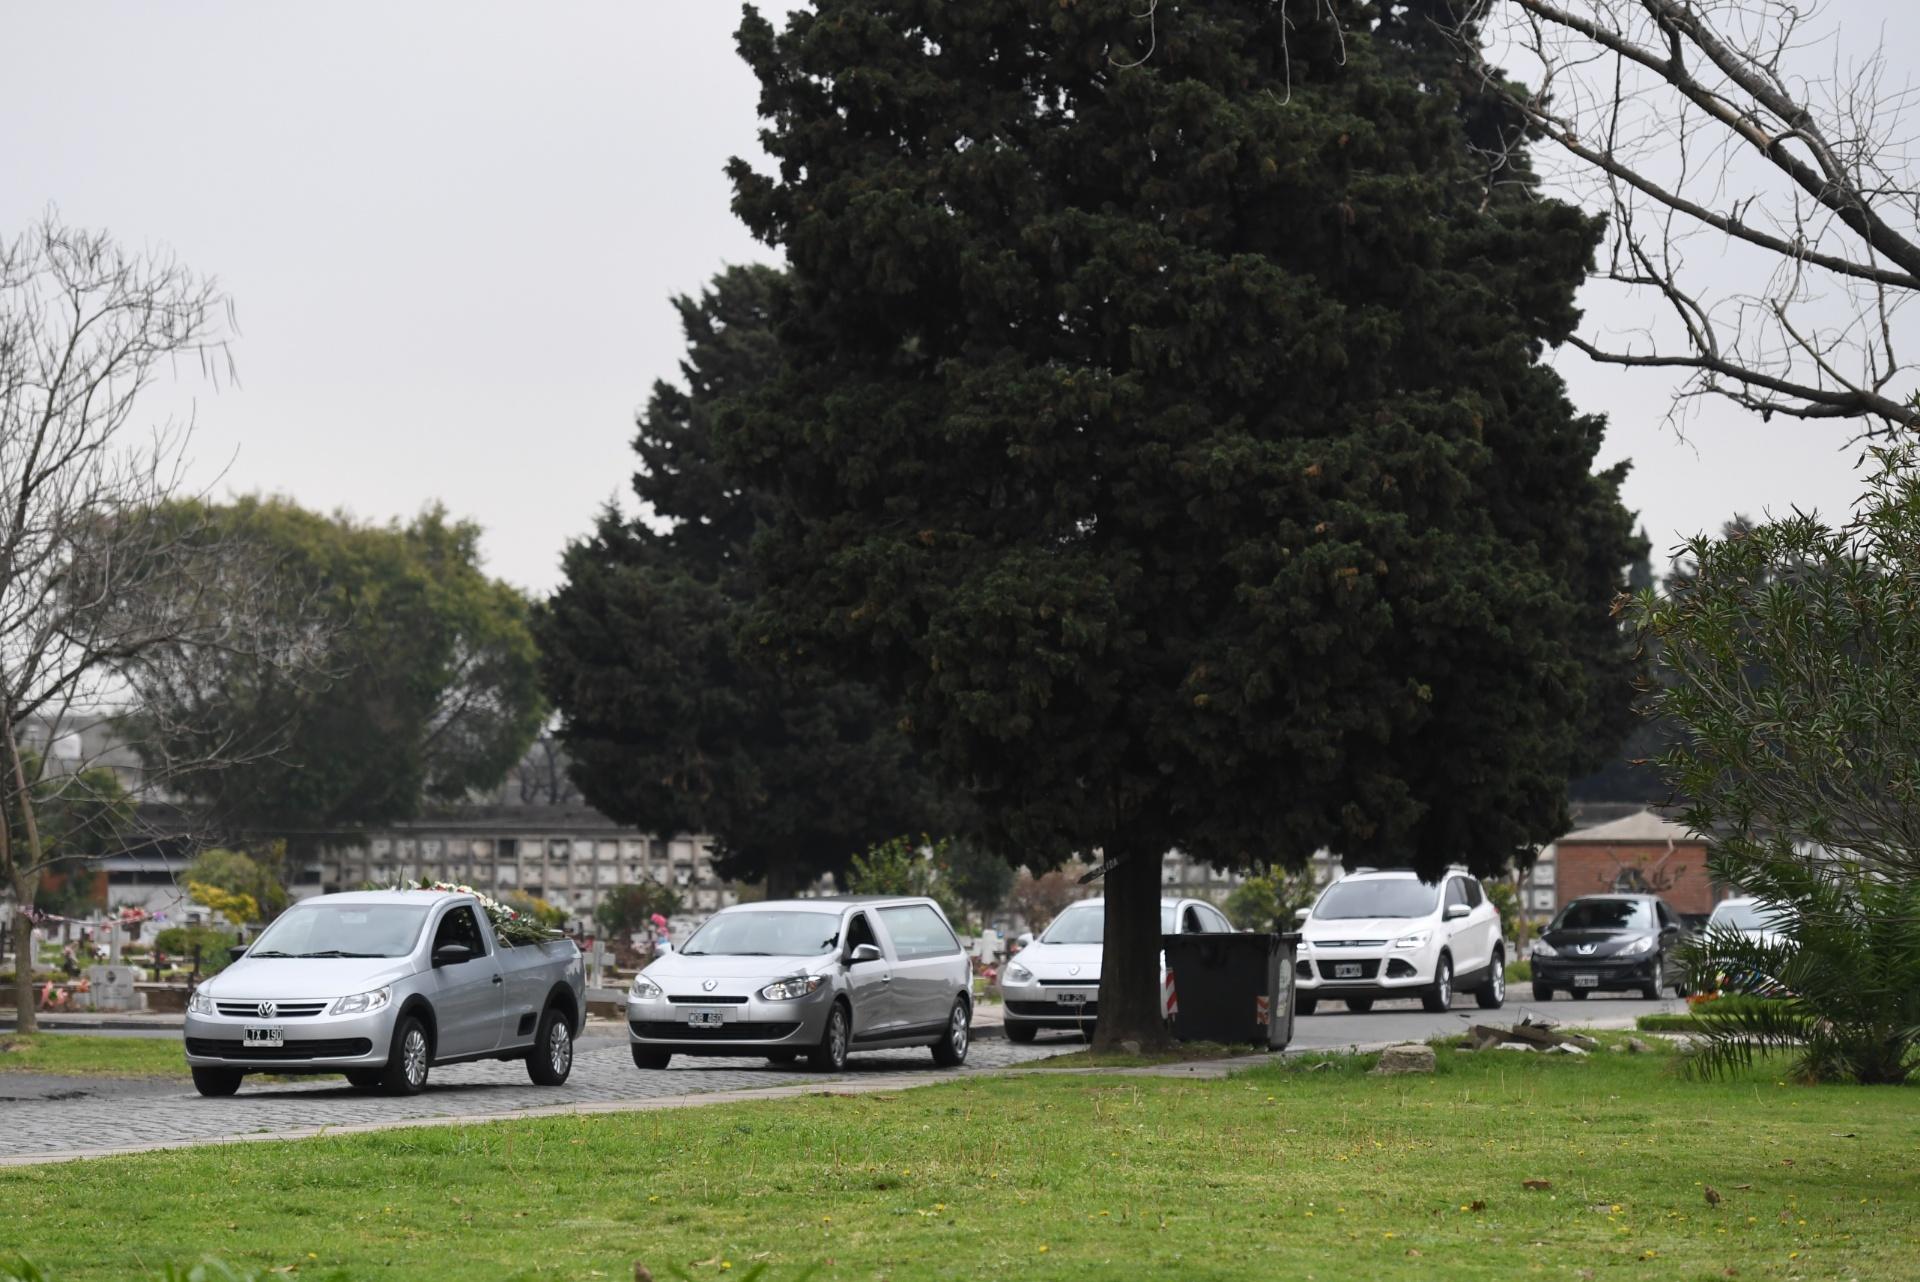 El cortejo fúnebre llegando al cementerio